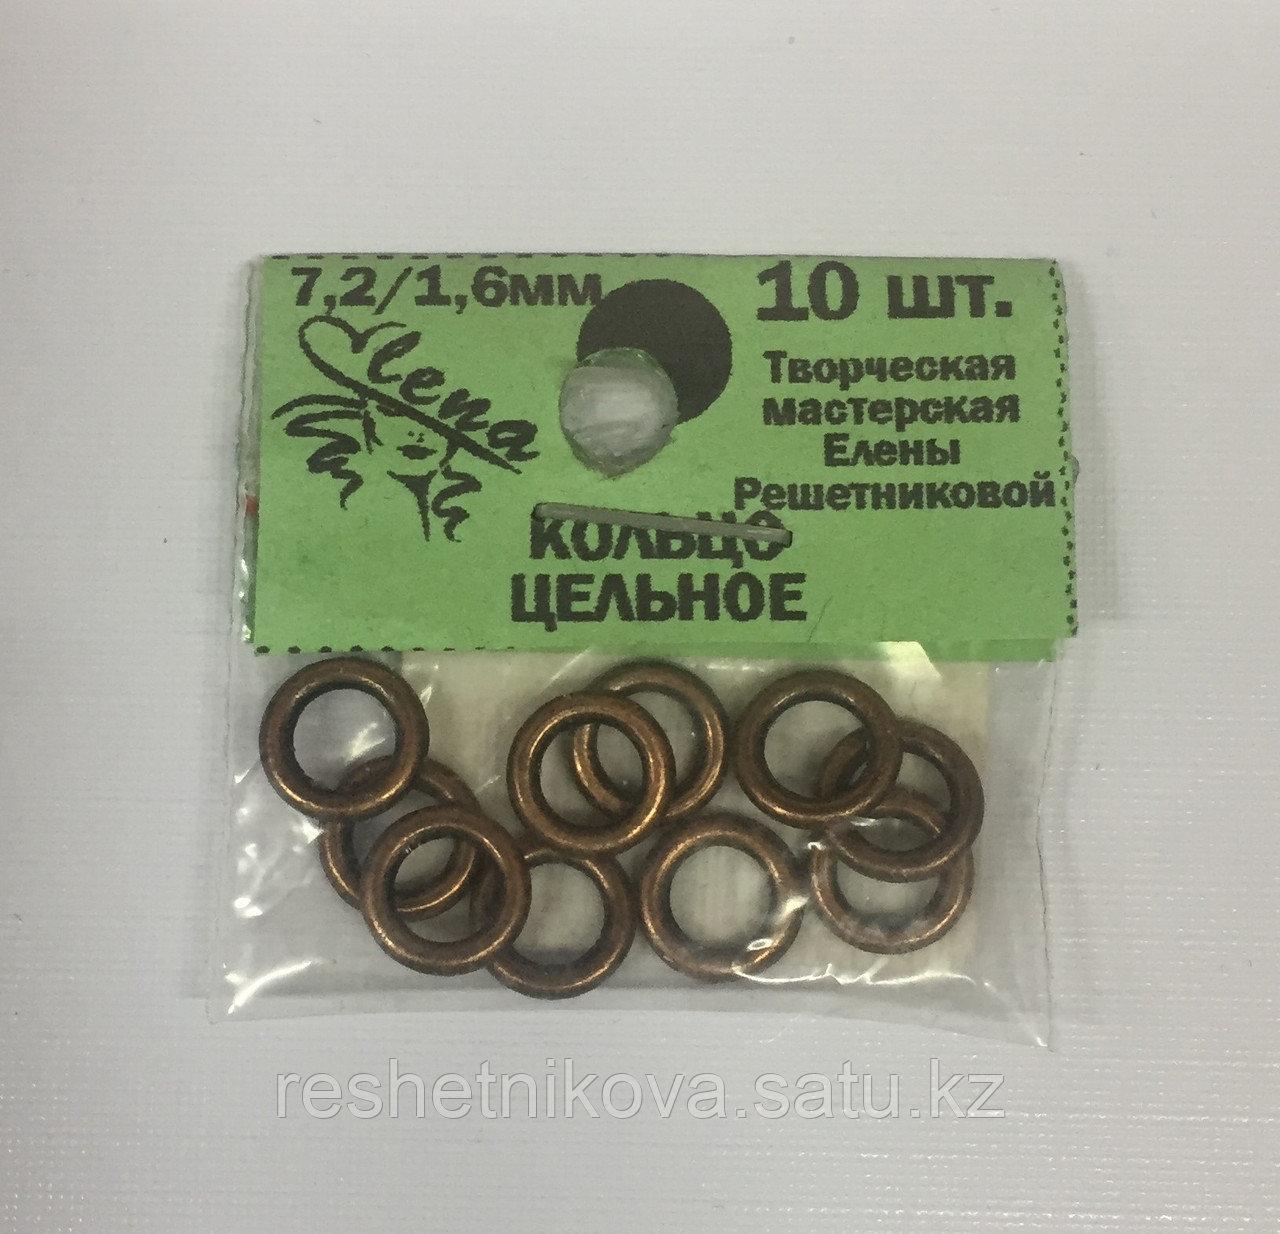 Кольцо литое  7,2/1,6 мм (10 шт.)